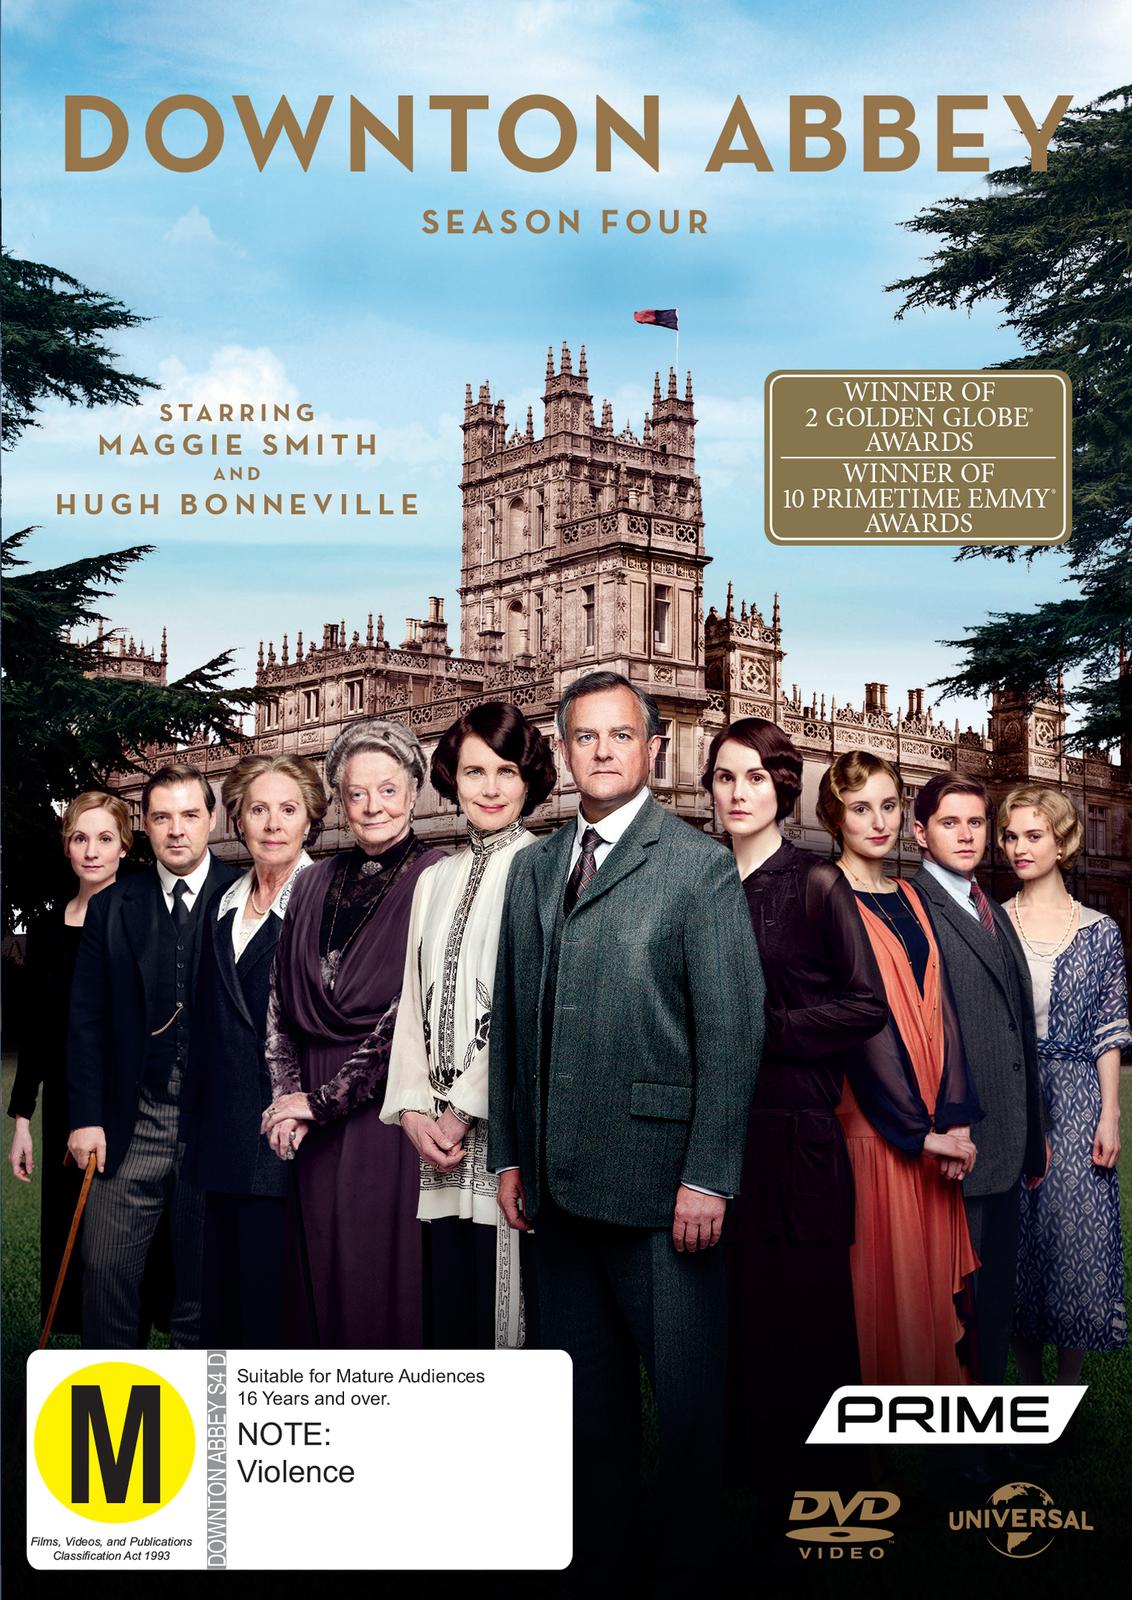 Downton Abbey - Season Four on DVD image